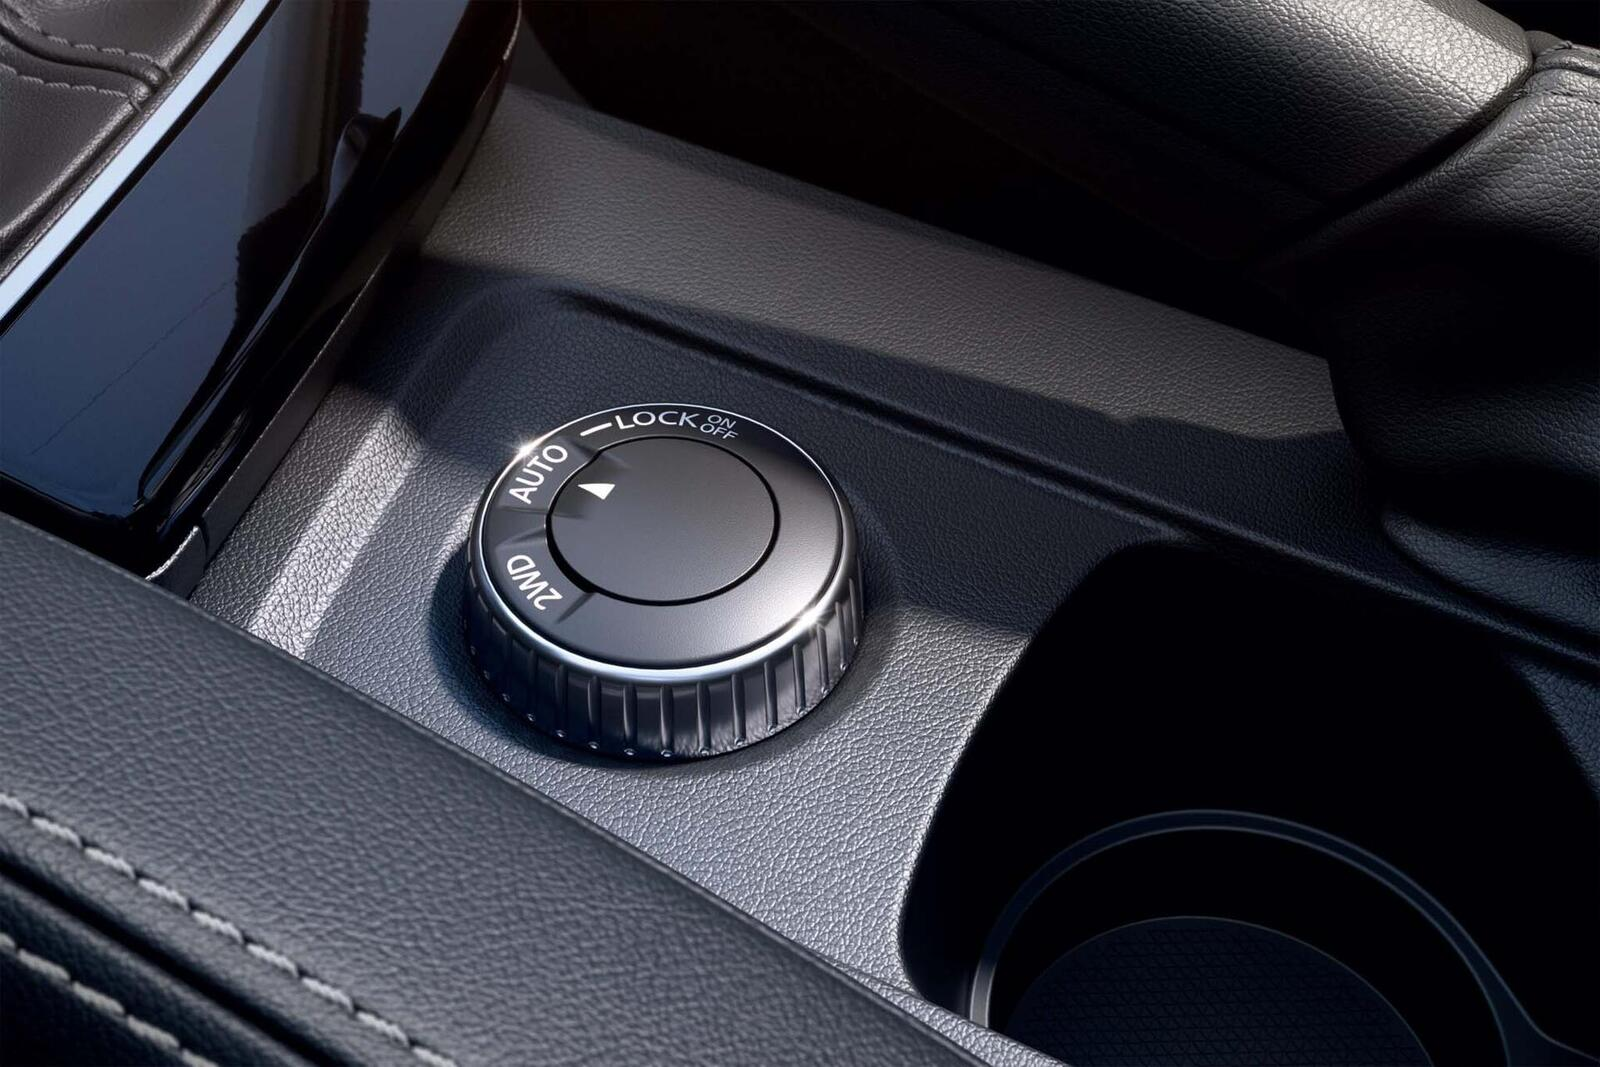 Renault giới thiệu Arkana mới: SUV Coupe mang thiết kế tương tự BMW X6 - Hình 16